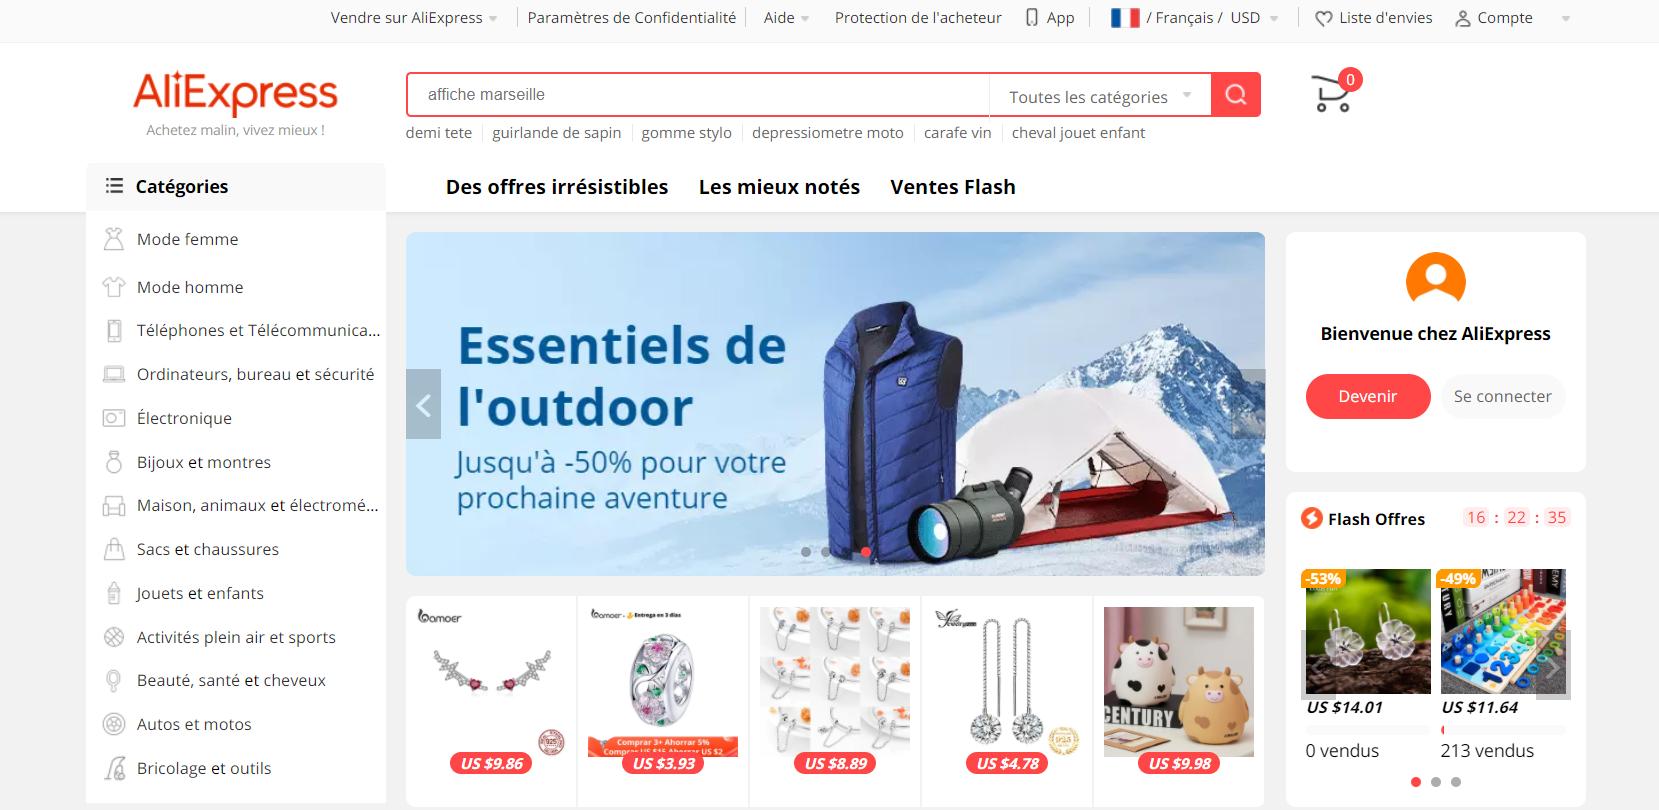 Page d'accueil de la boutique chinoise Aliexpress